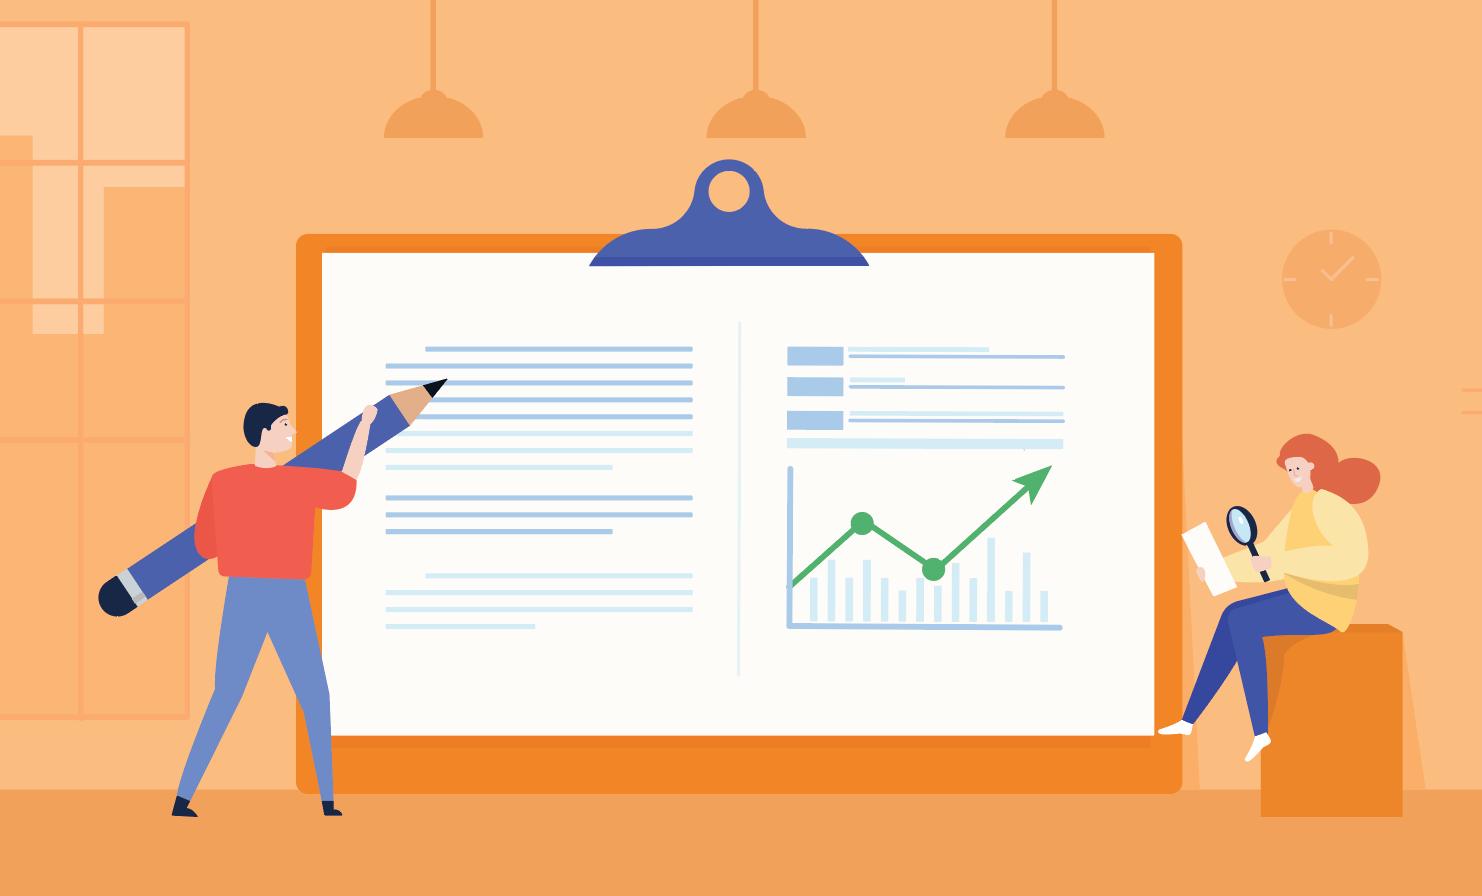 【商业计划书品牌策略】首要定义和衡量客户品牌体验